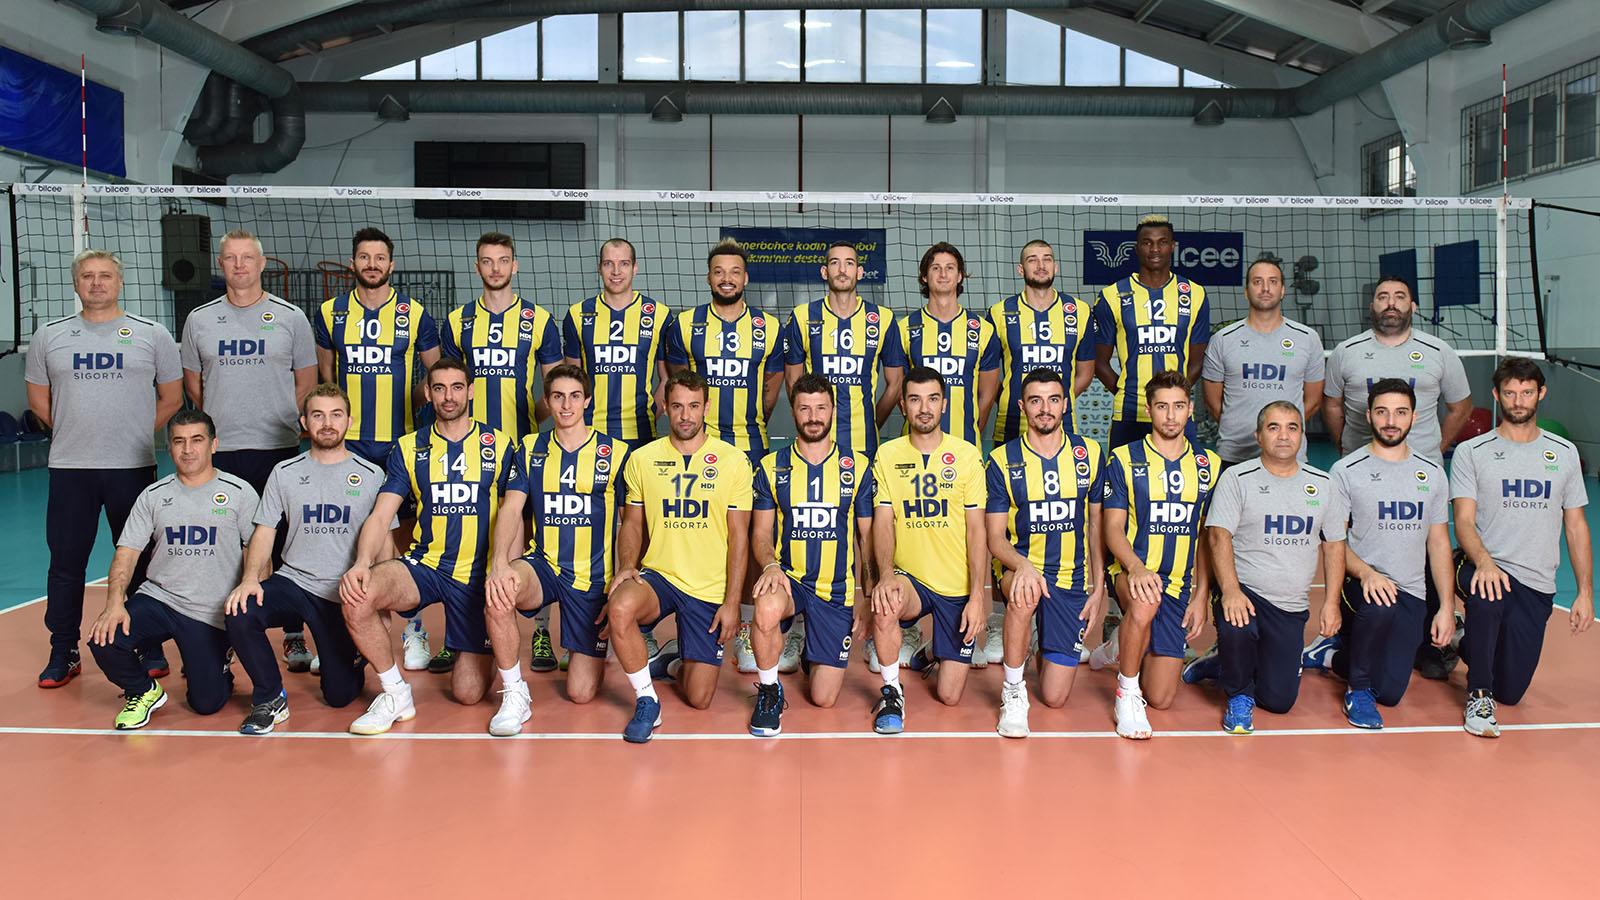 Fenerbahçe HDI Sigorta Ankara depslamanında